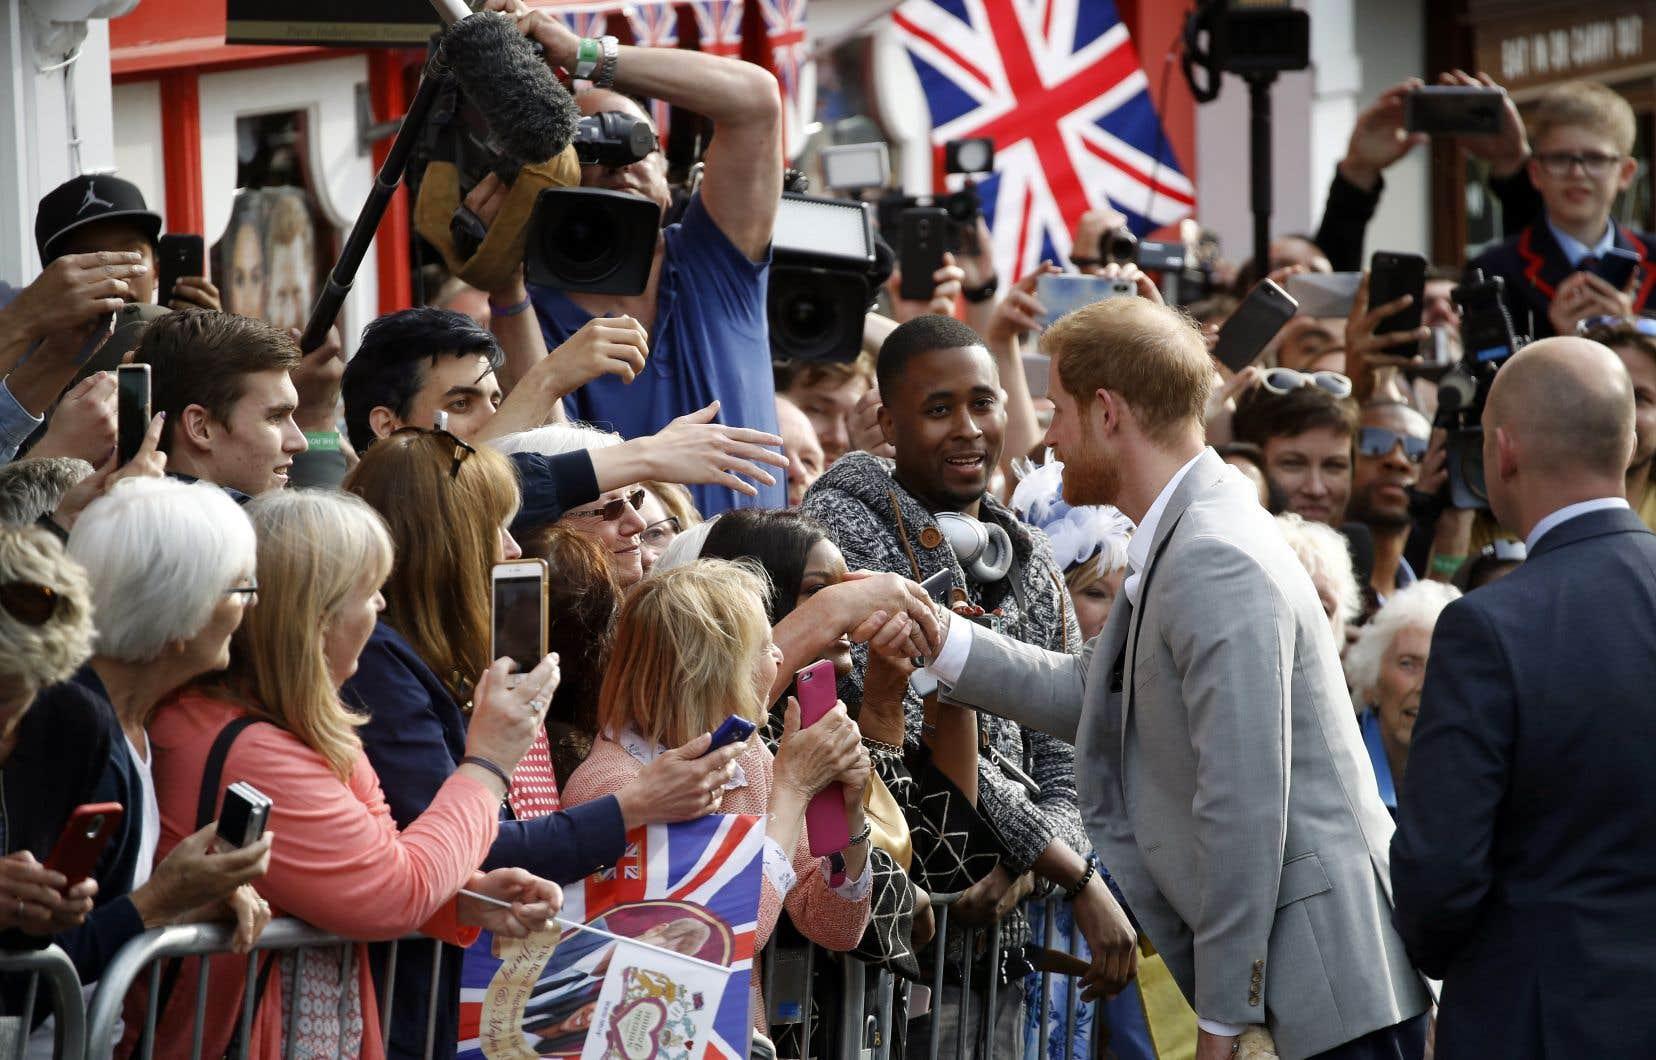 Le prince de Galles (au veston gris), Harry, a pris le temps de rencontrer des admirateurs, à la veille de son mariage avec Meghan Markle, vendredi, à Windsor.